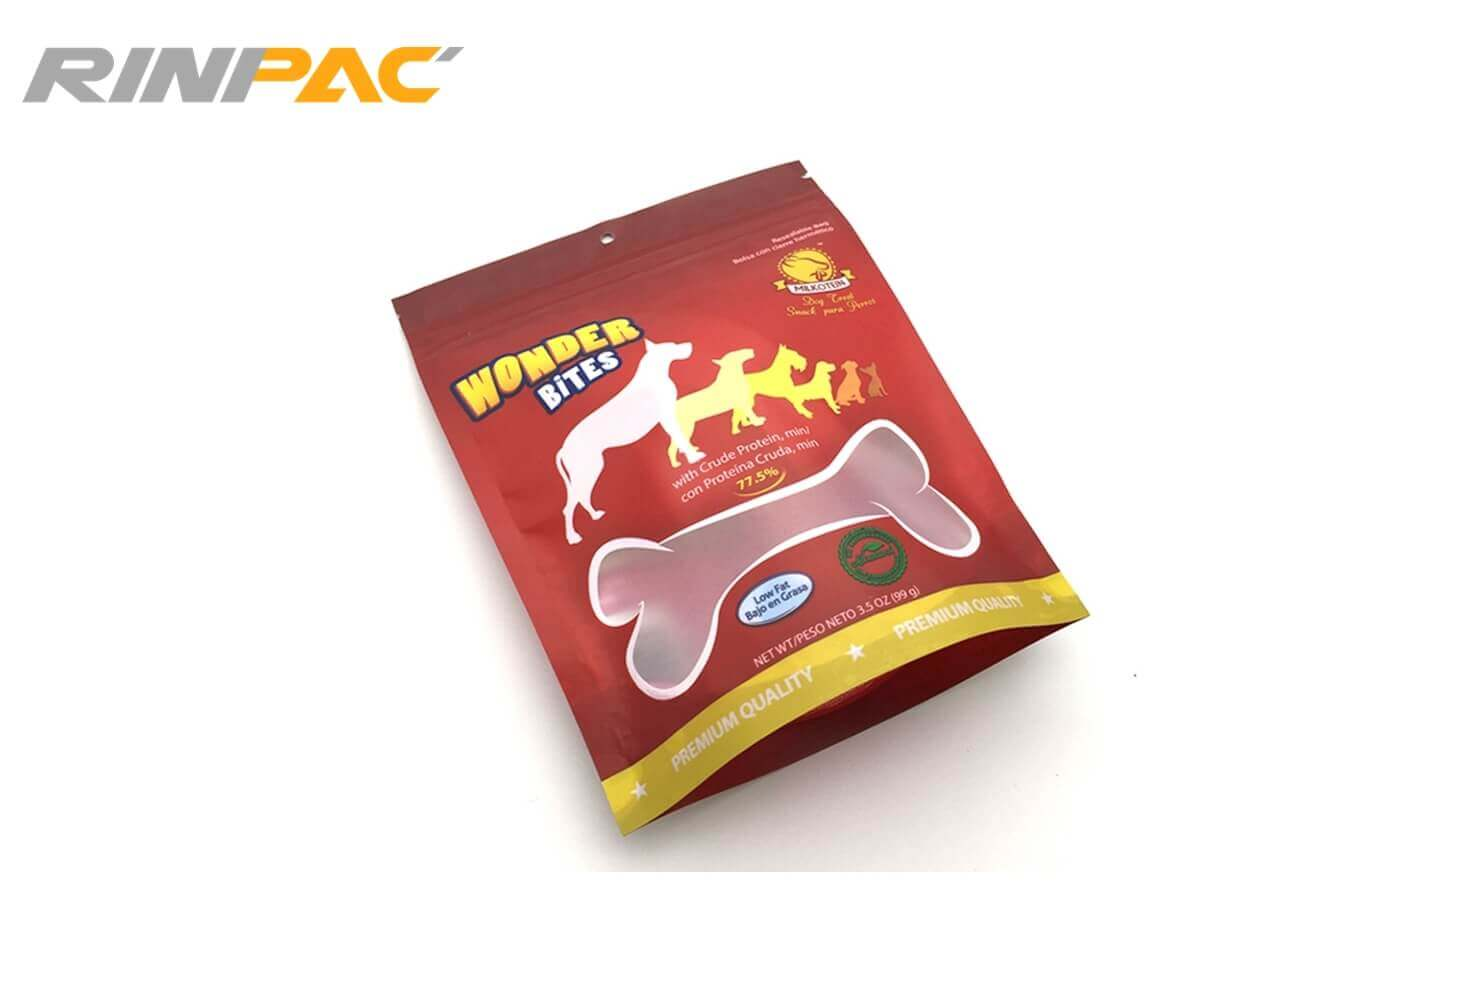 RinPAC Pet Food Packaging 2 - Pet Food Packaging